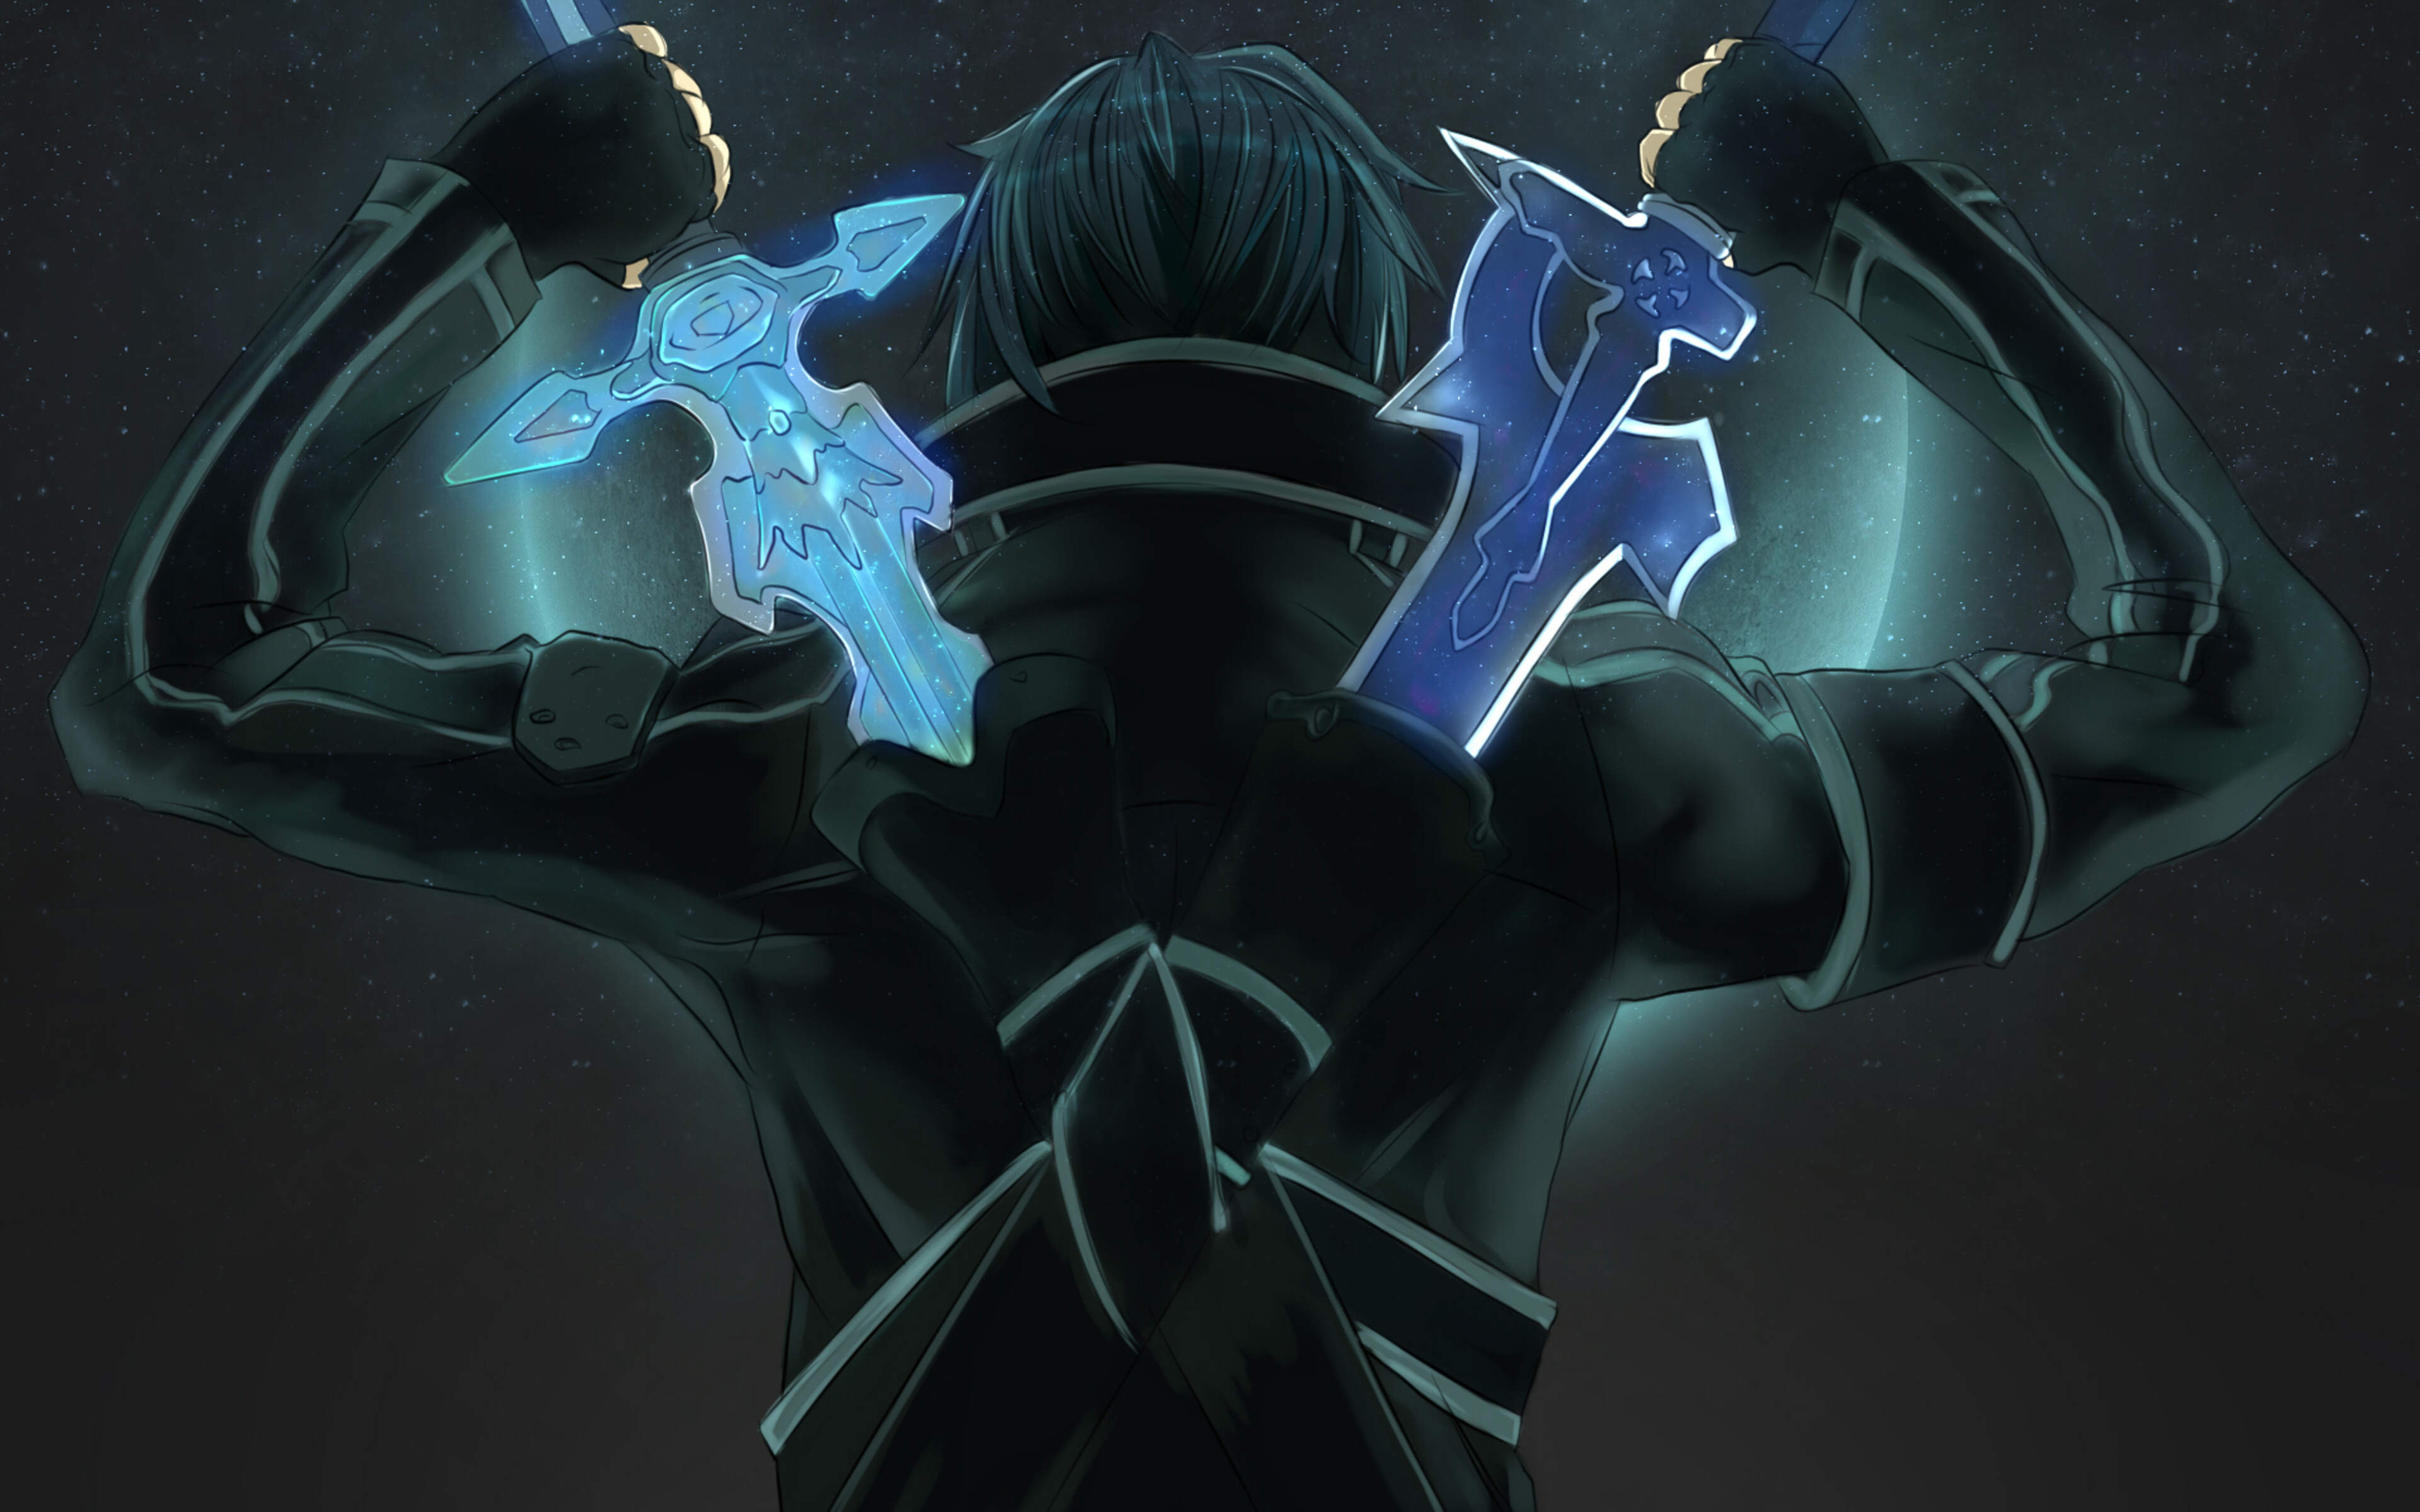 3840x2400 Sword Art Online 4k Hd 4k Wallpapers Images